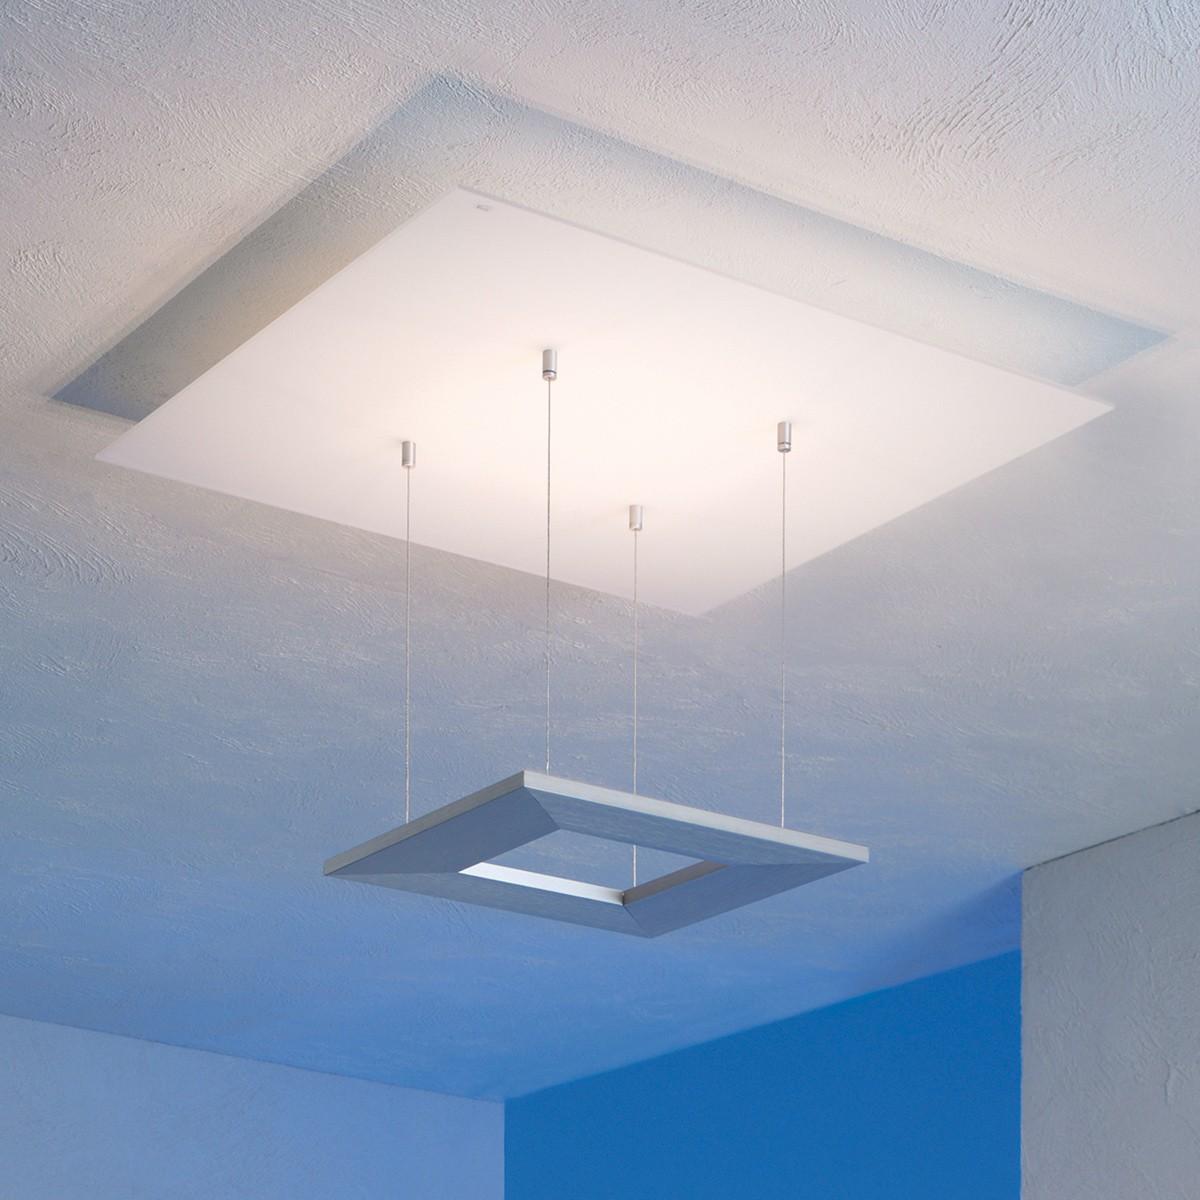 Escale Zen Deckenleuchte 8-flg., Glas / Aluminium geschliffen, ohne Dimmer